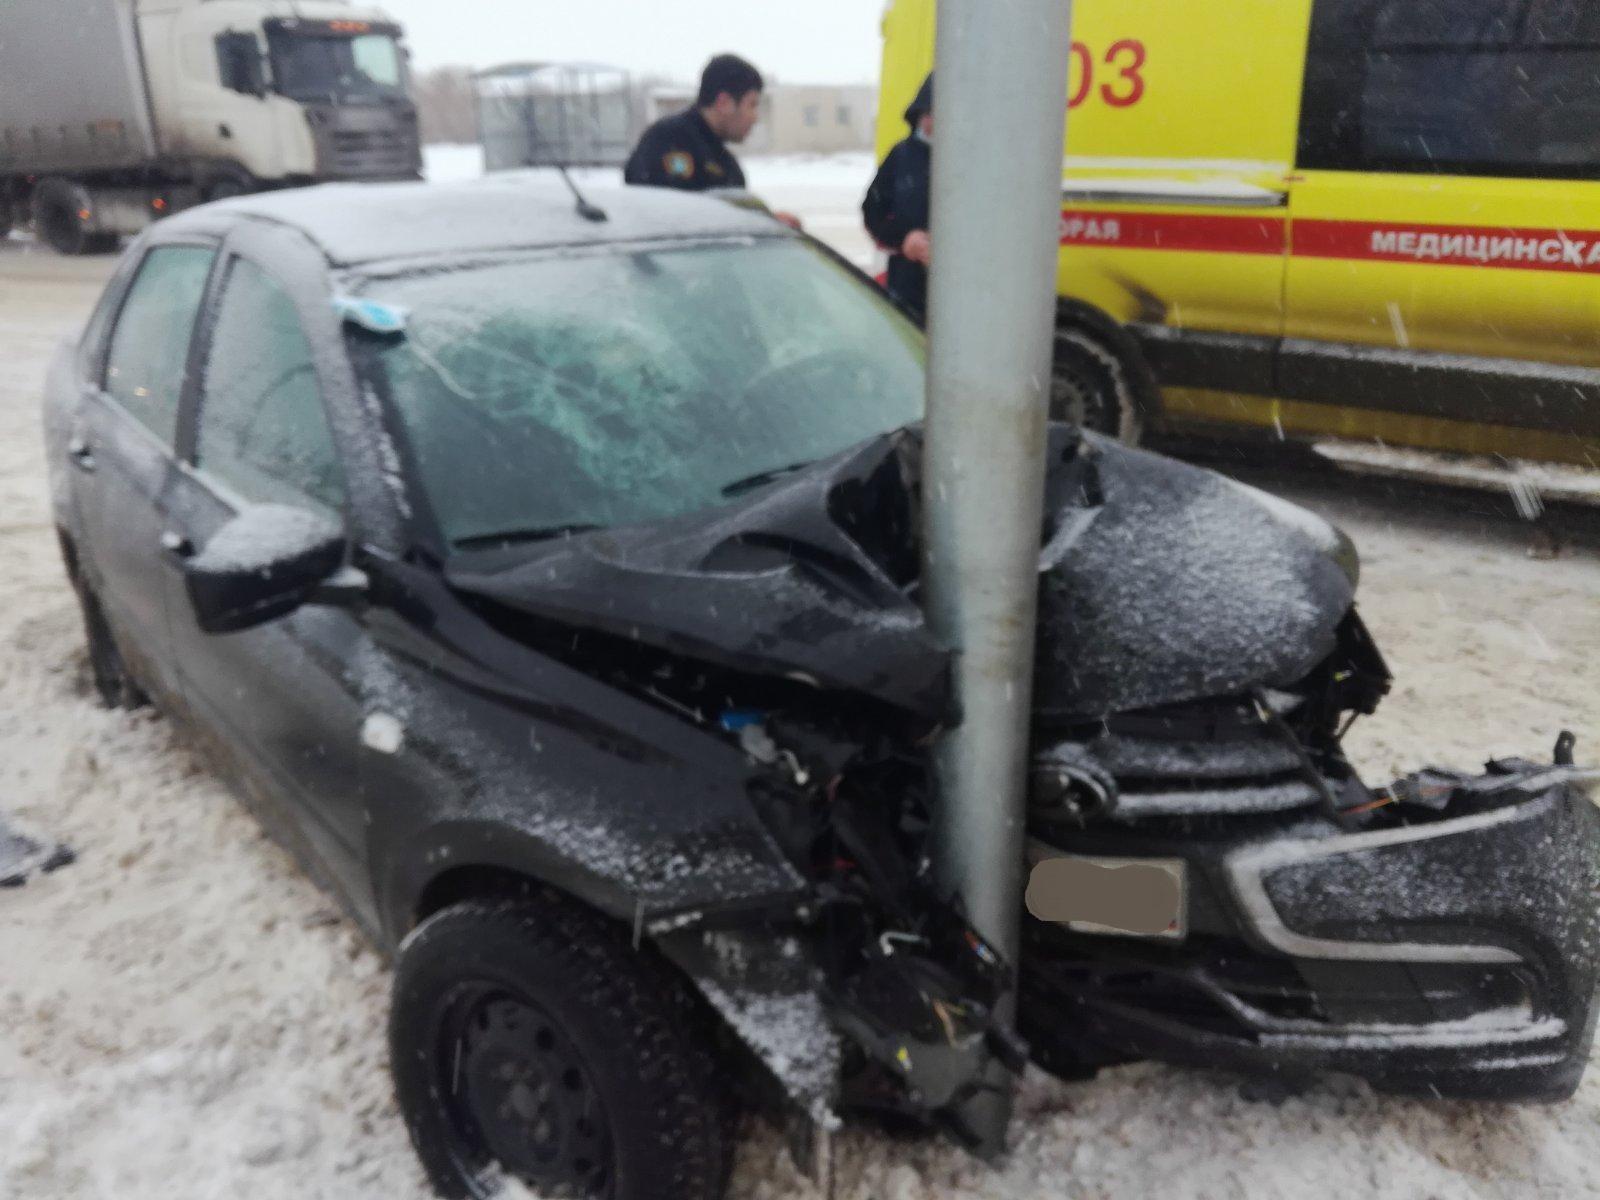 На шоссе в Тольятти «Гранта» врезалась в дорожный знак